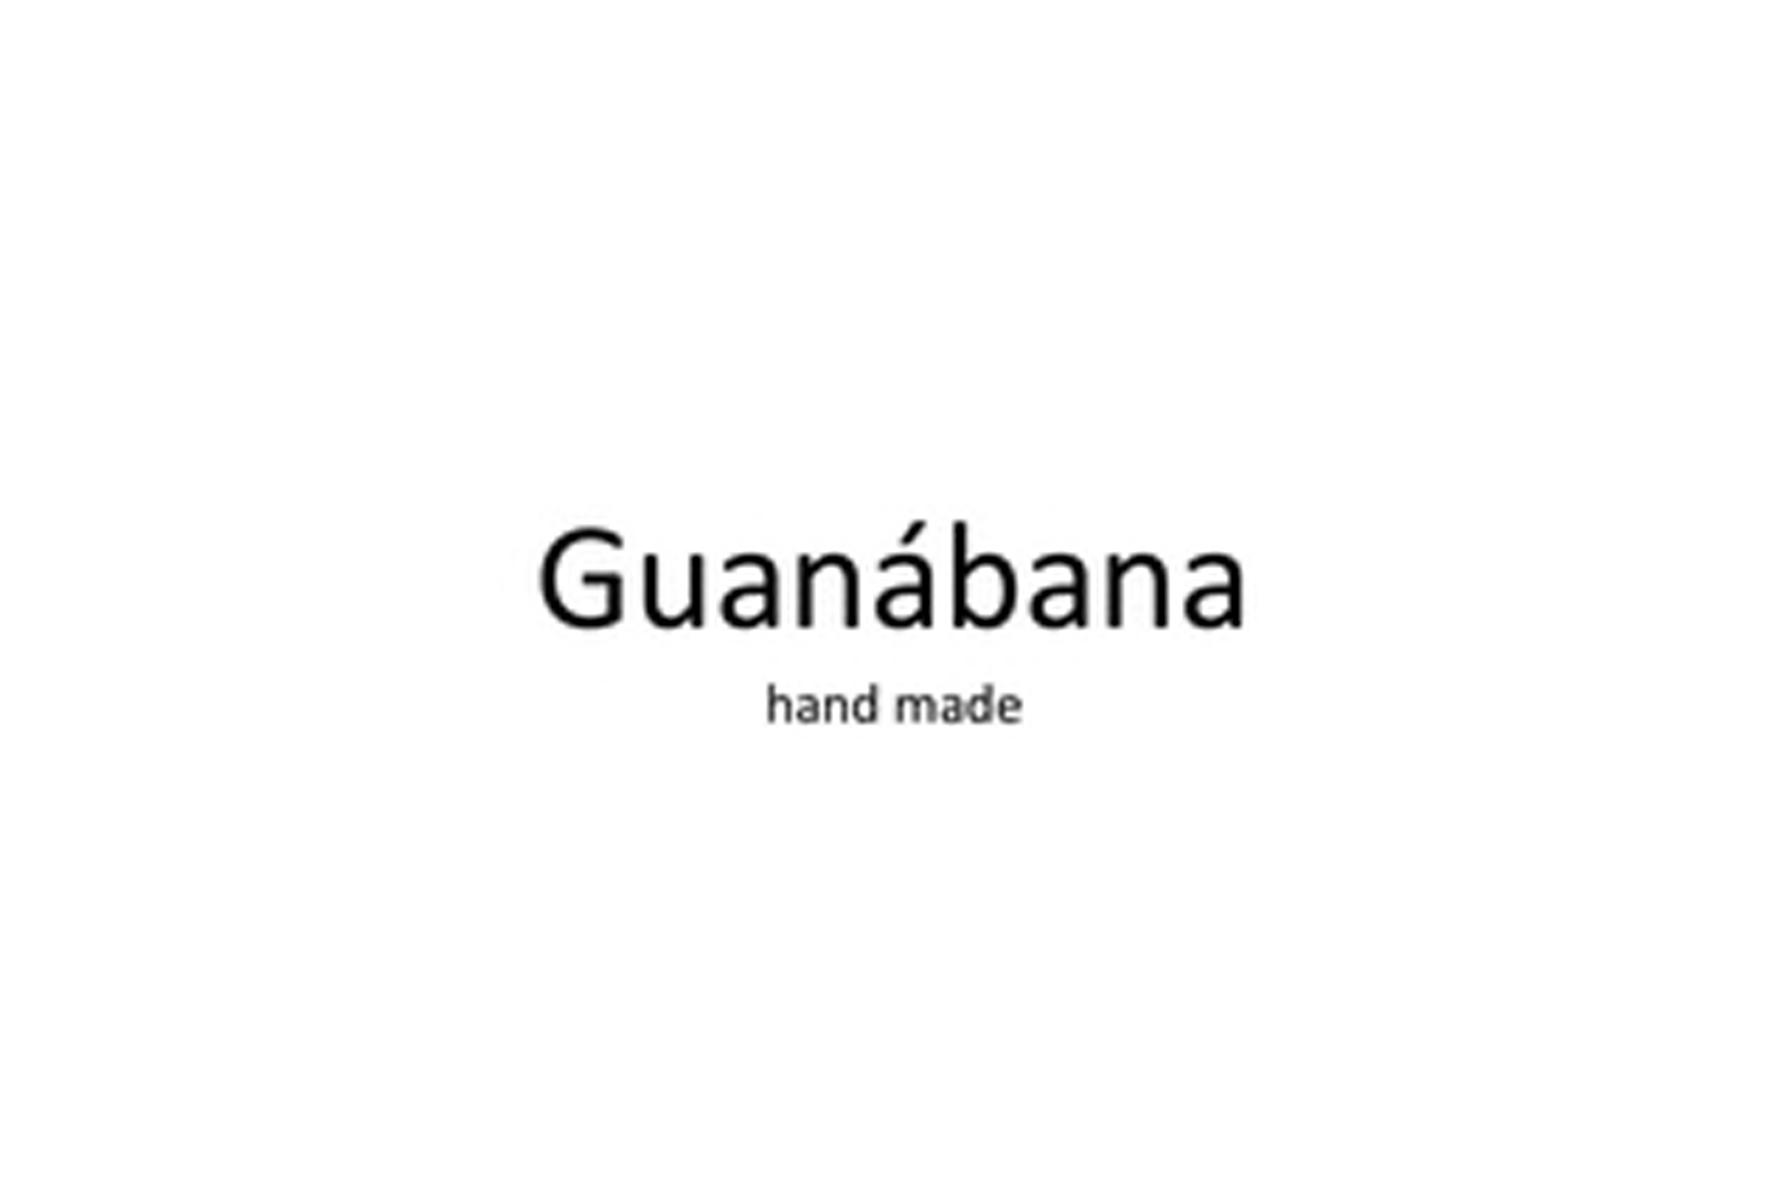 GUANABANALOGO